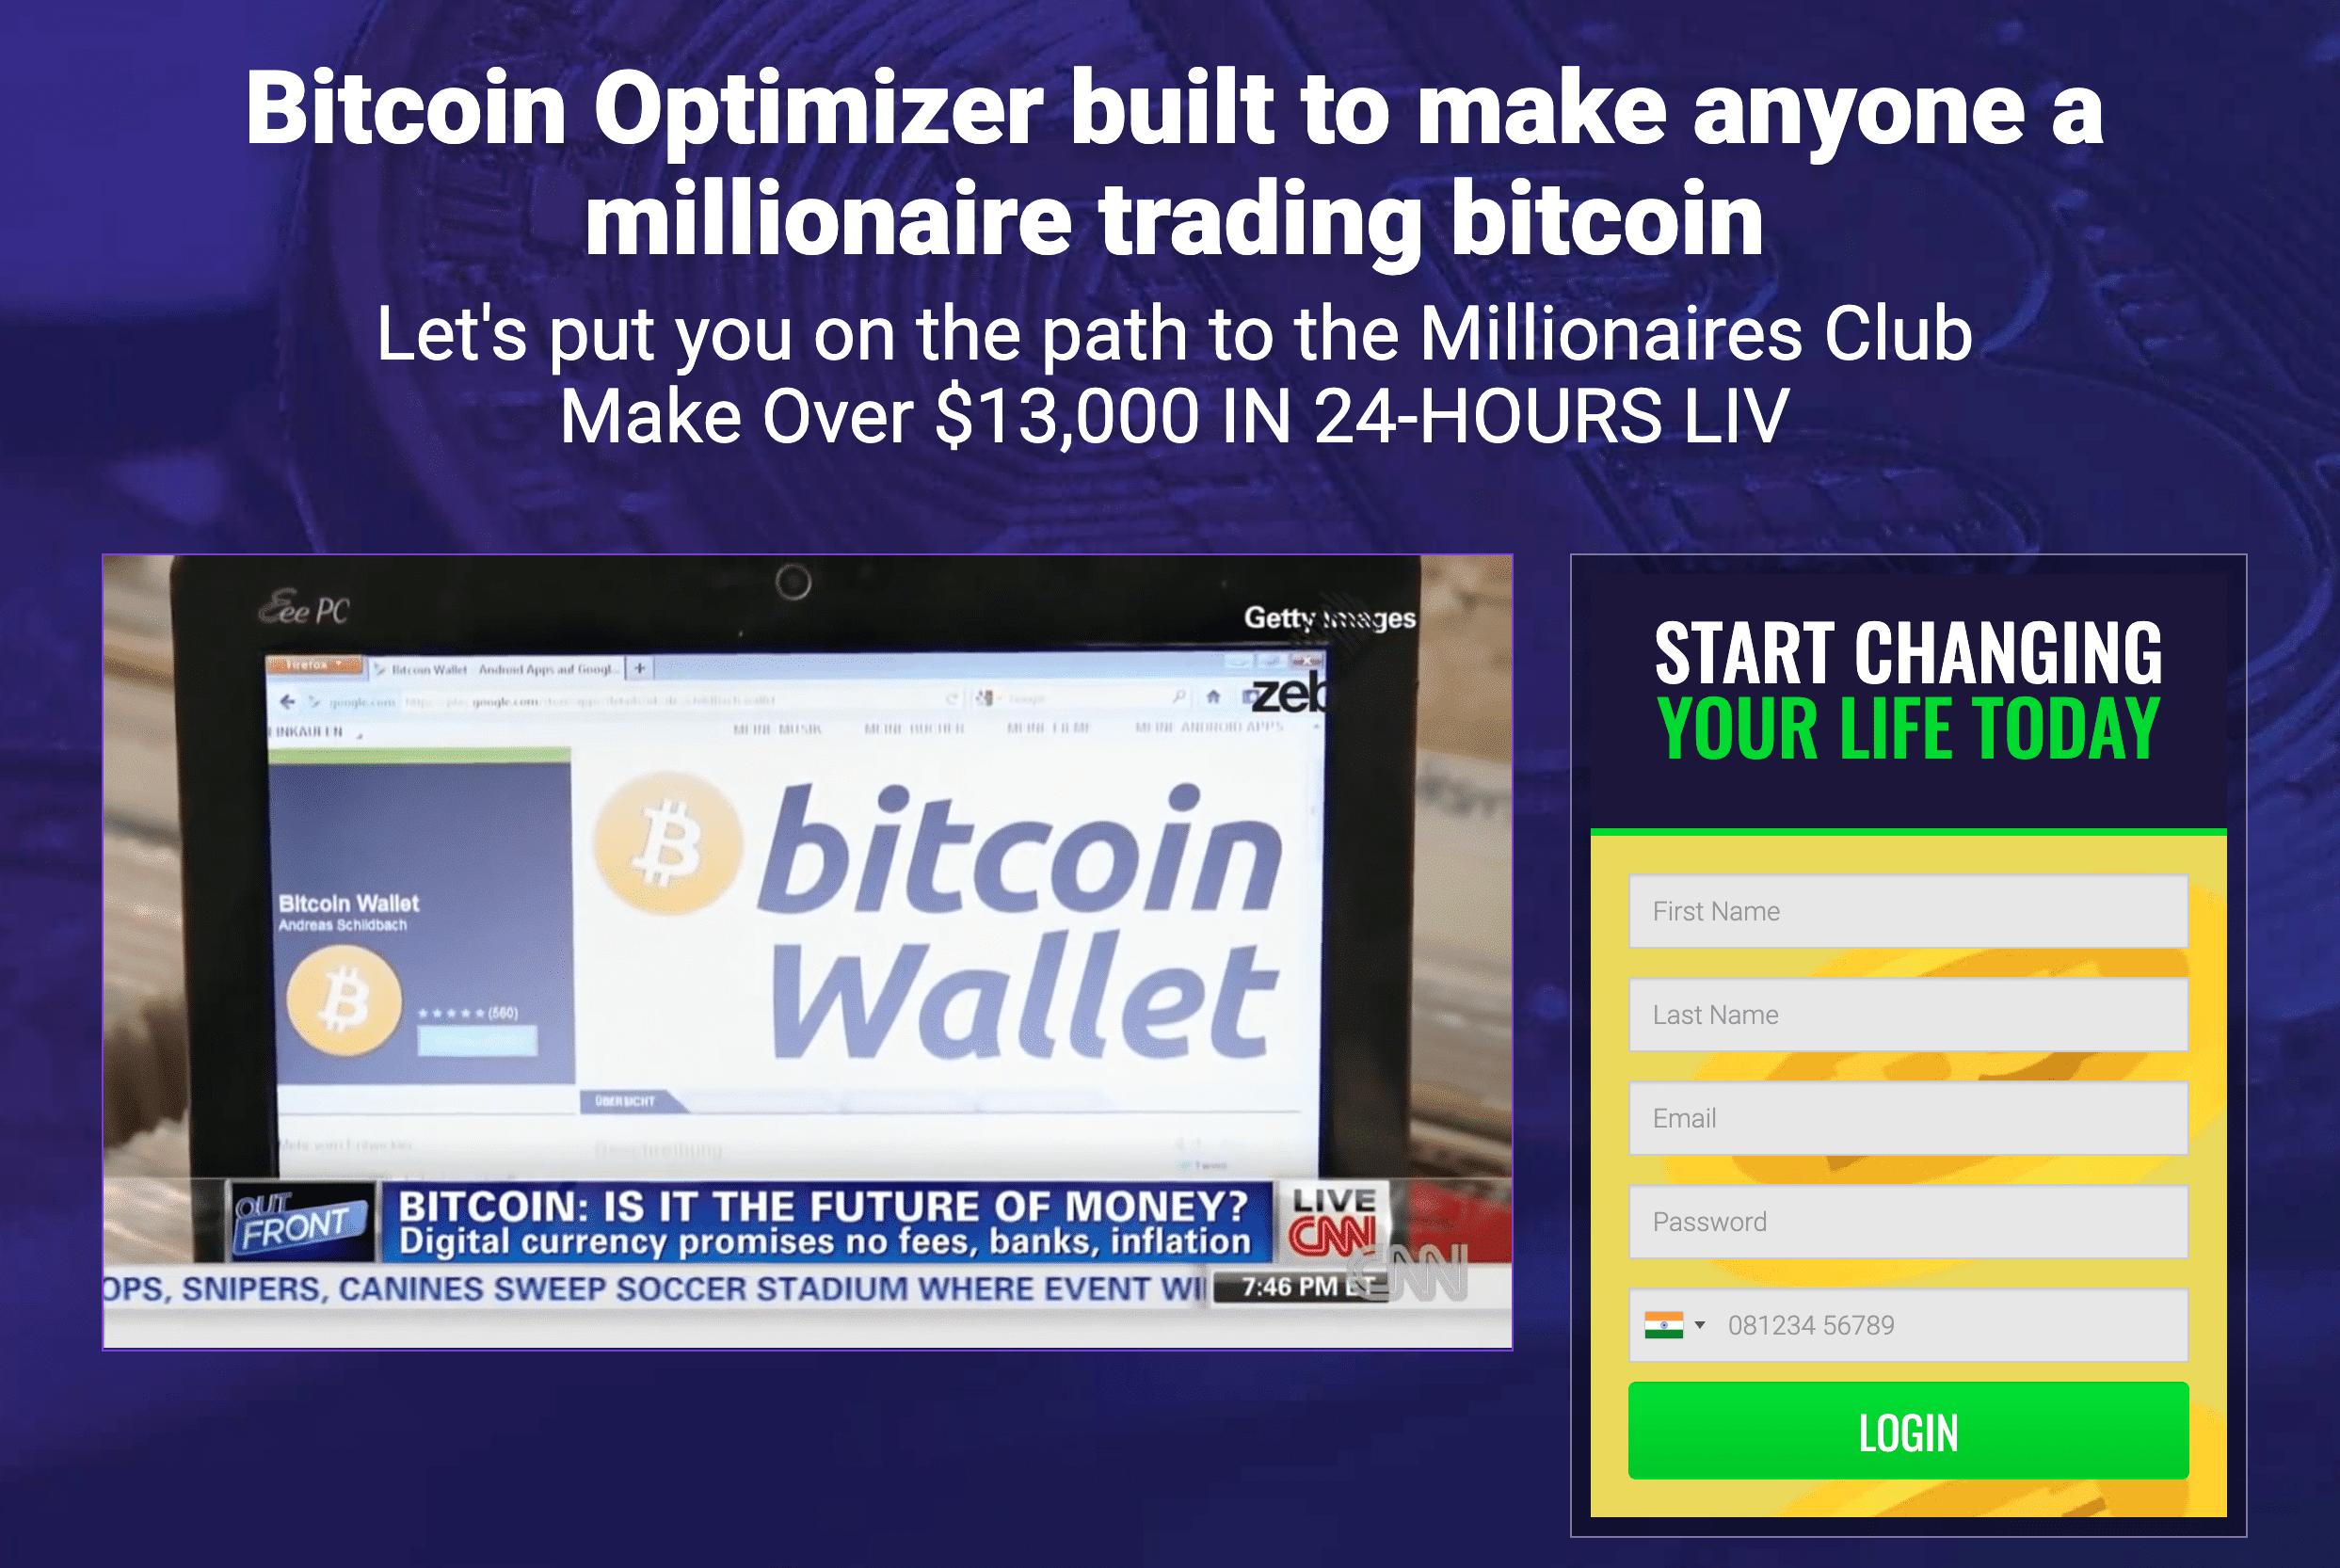 come mettere in pratica il commercio bitcoin)